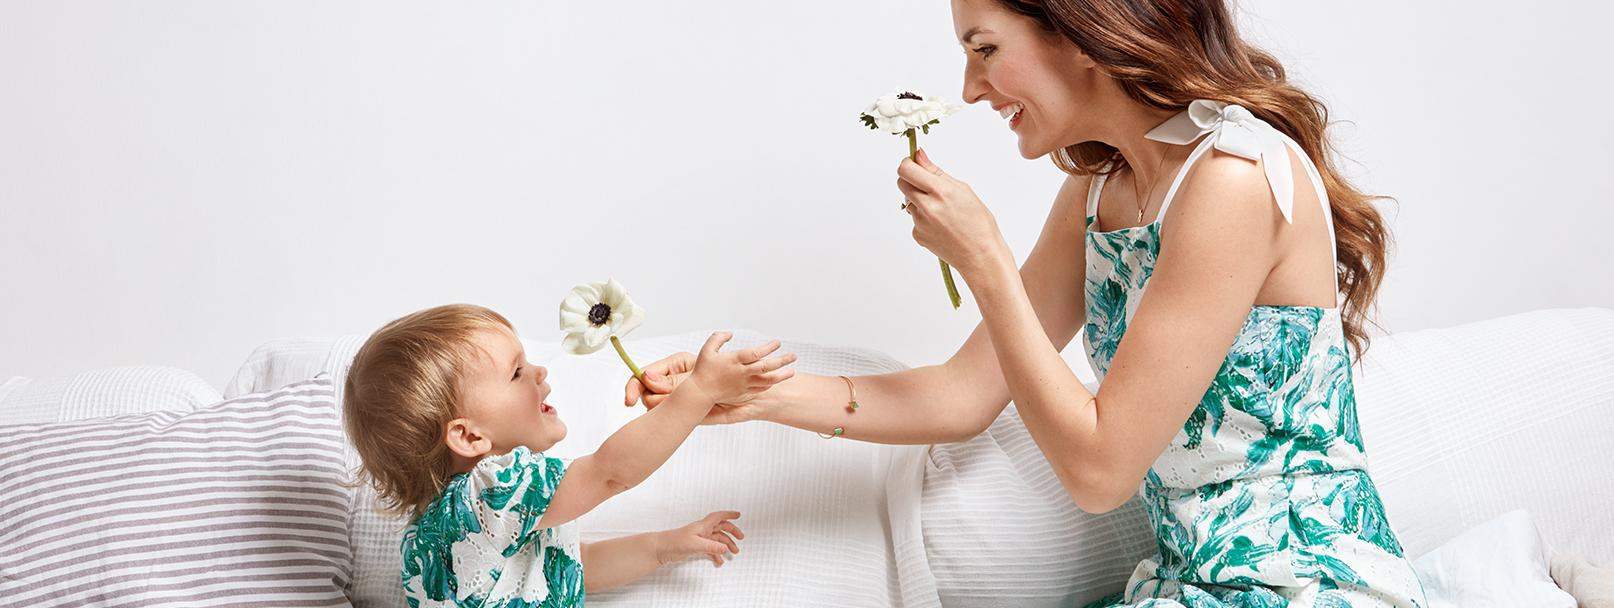 scarpe da ginnastica chiaro e distintivo come serch Festa della mamma | La mini te su Zalando